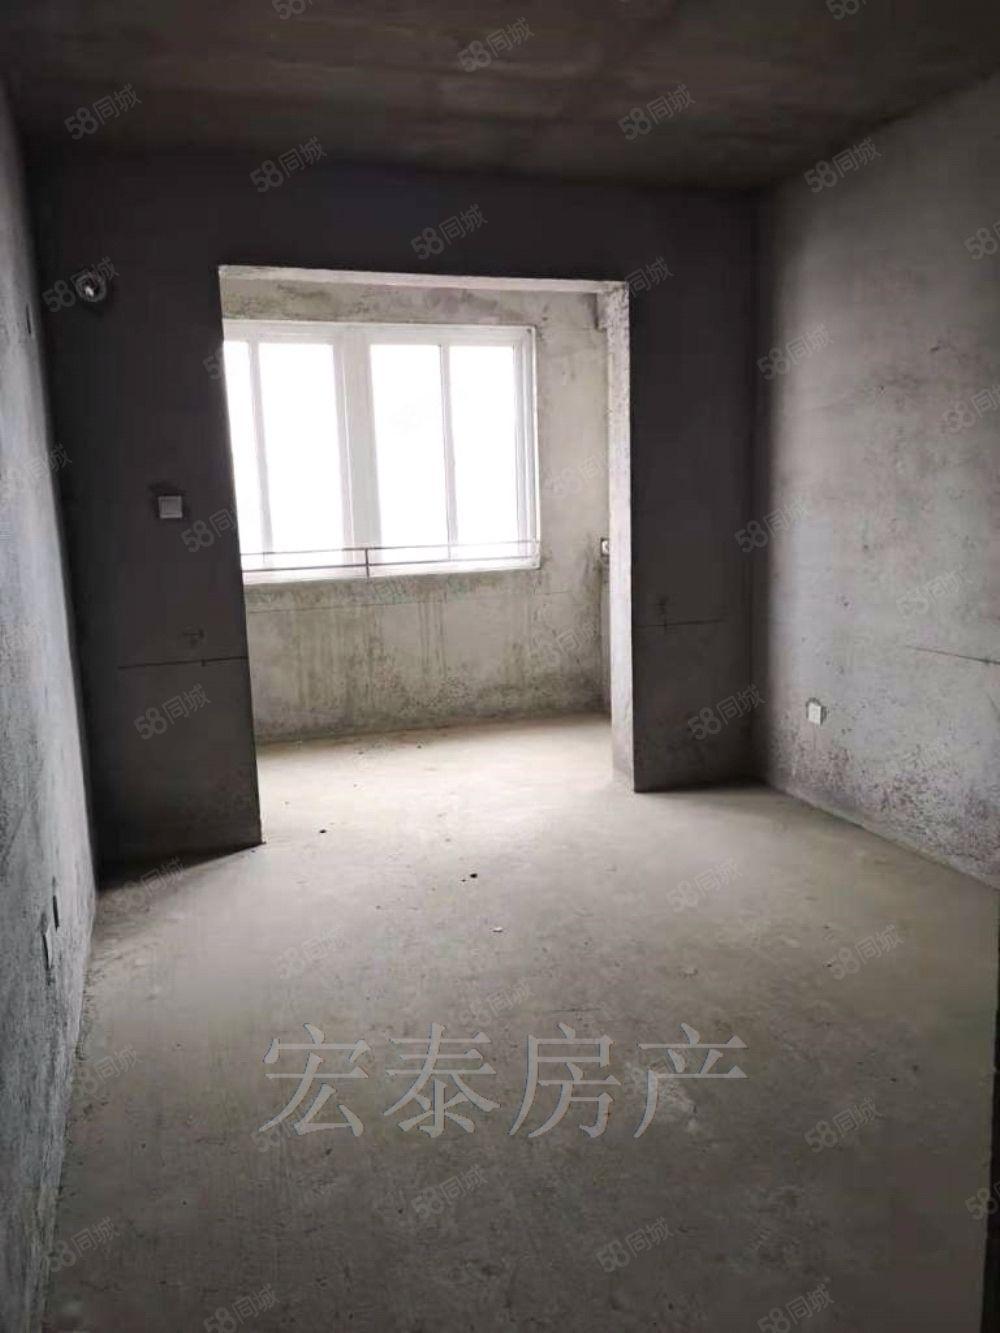 出售漢城國際二期,毛坯19樓3室89平,55萬商品房可分期